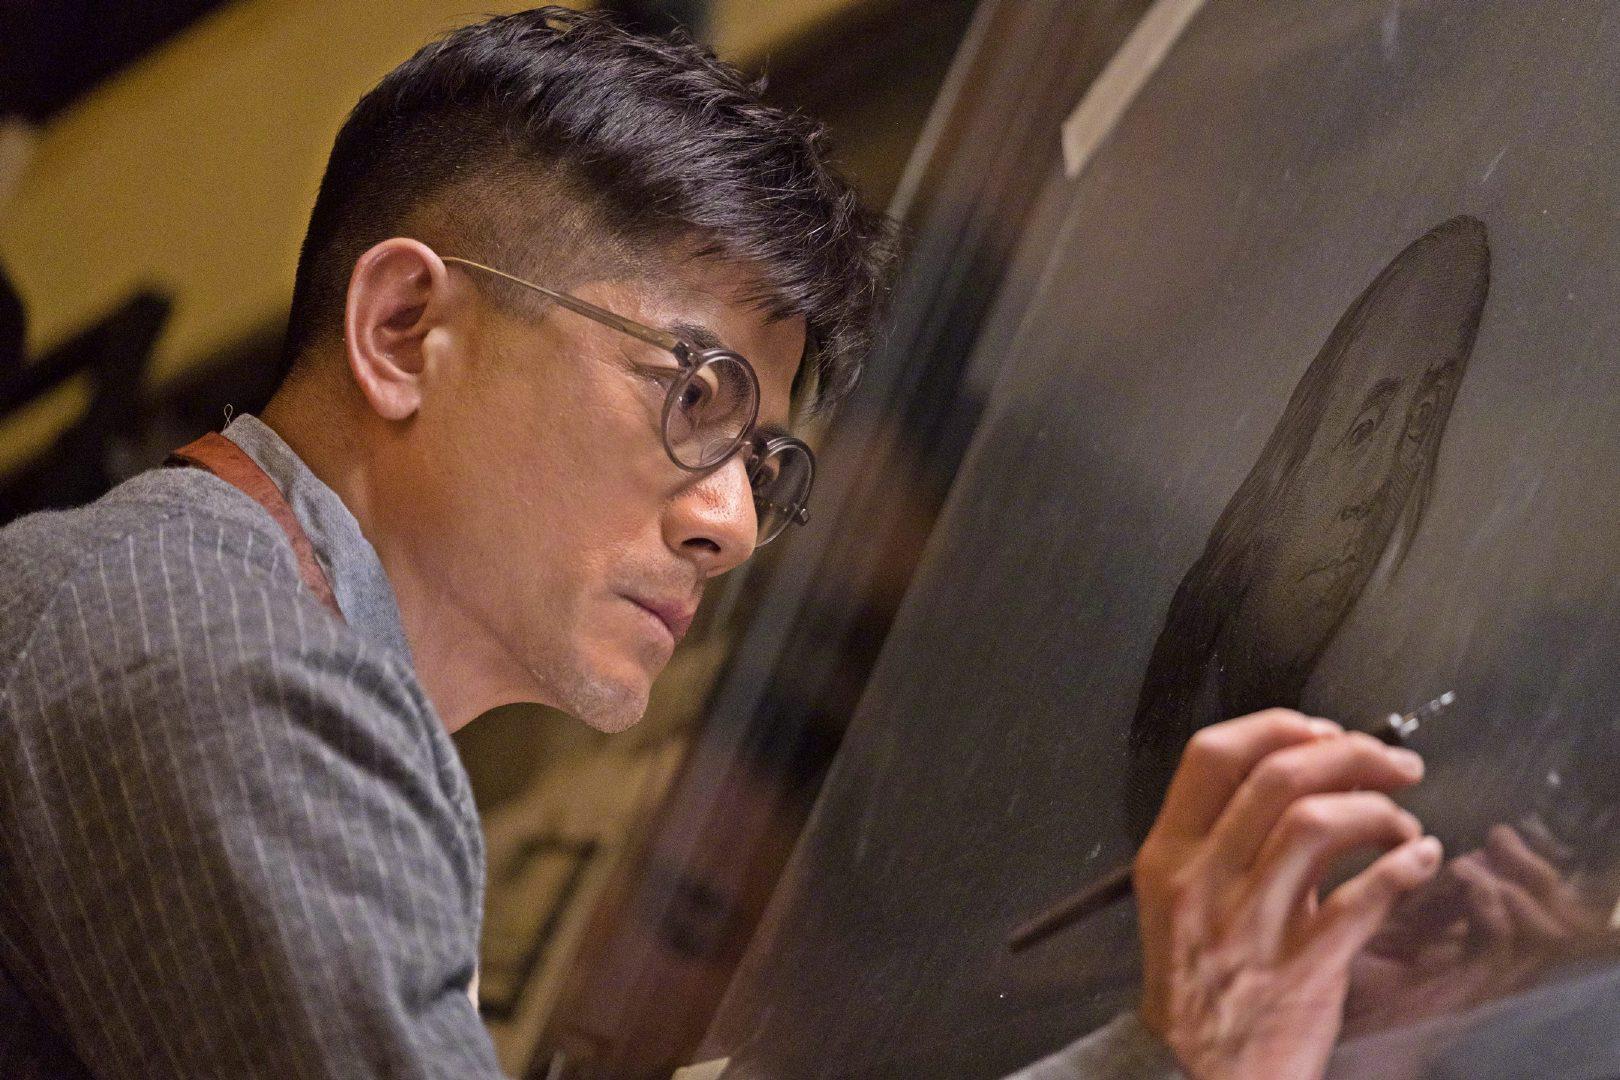 据screendaily消息,周润发,郭富城主演的电影《无双》图片